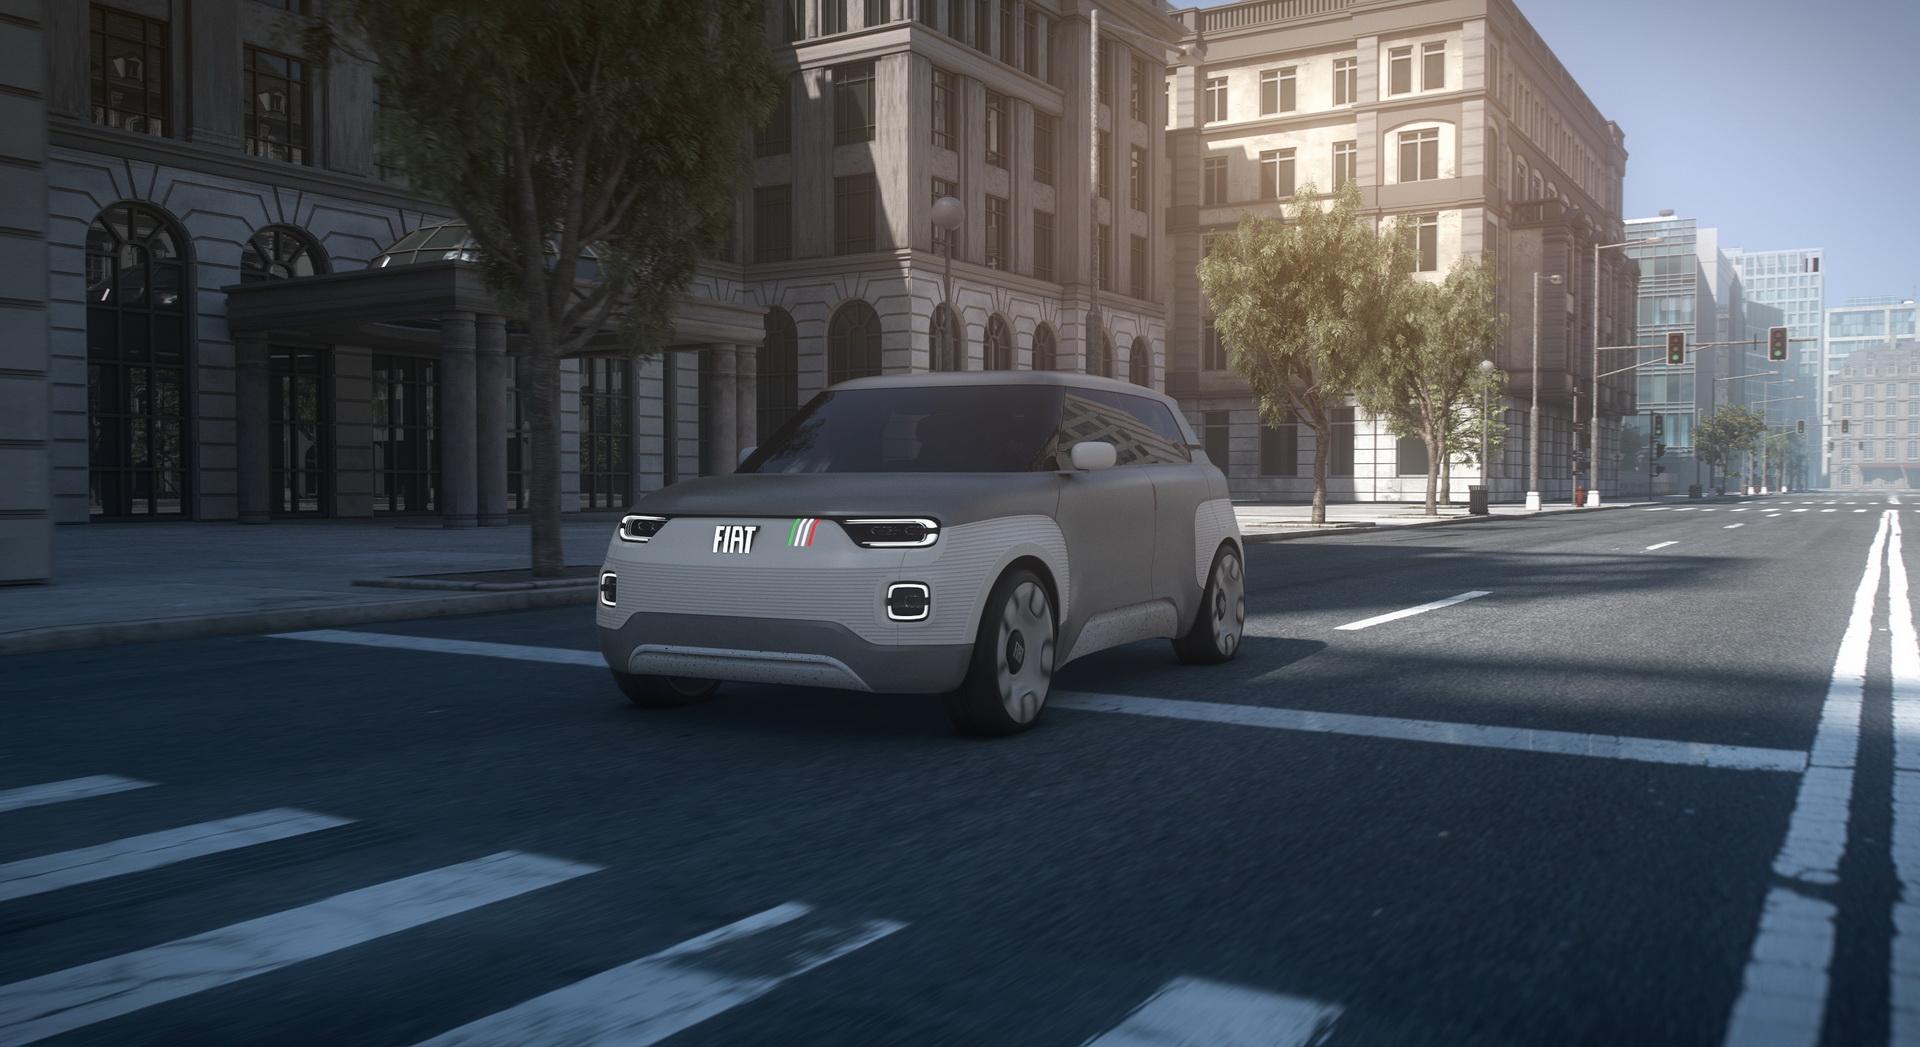 b4e66ca0-2019-fiat-centoventi-concept-18